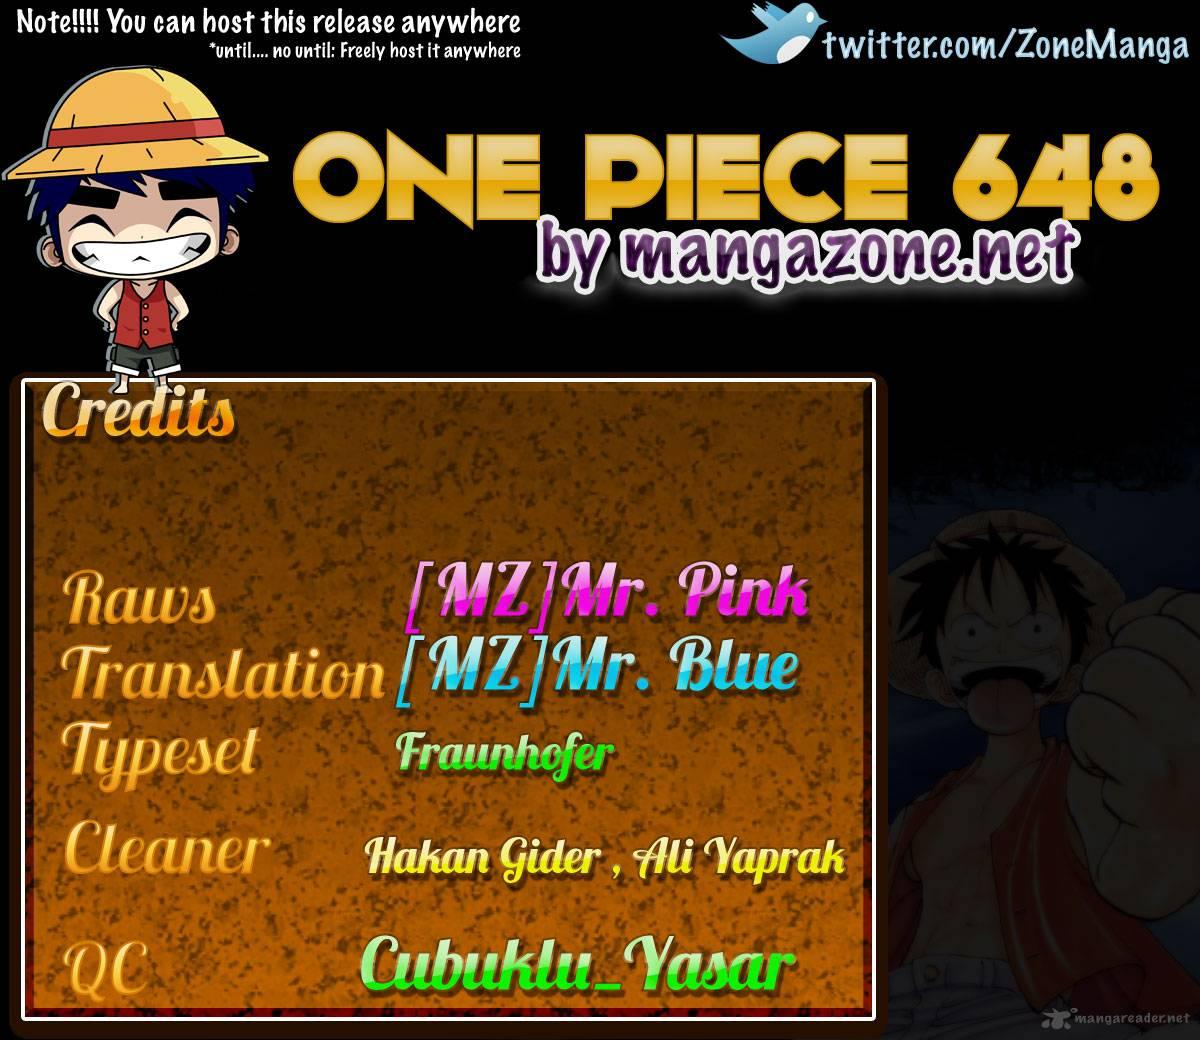 One Piece 648